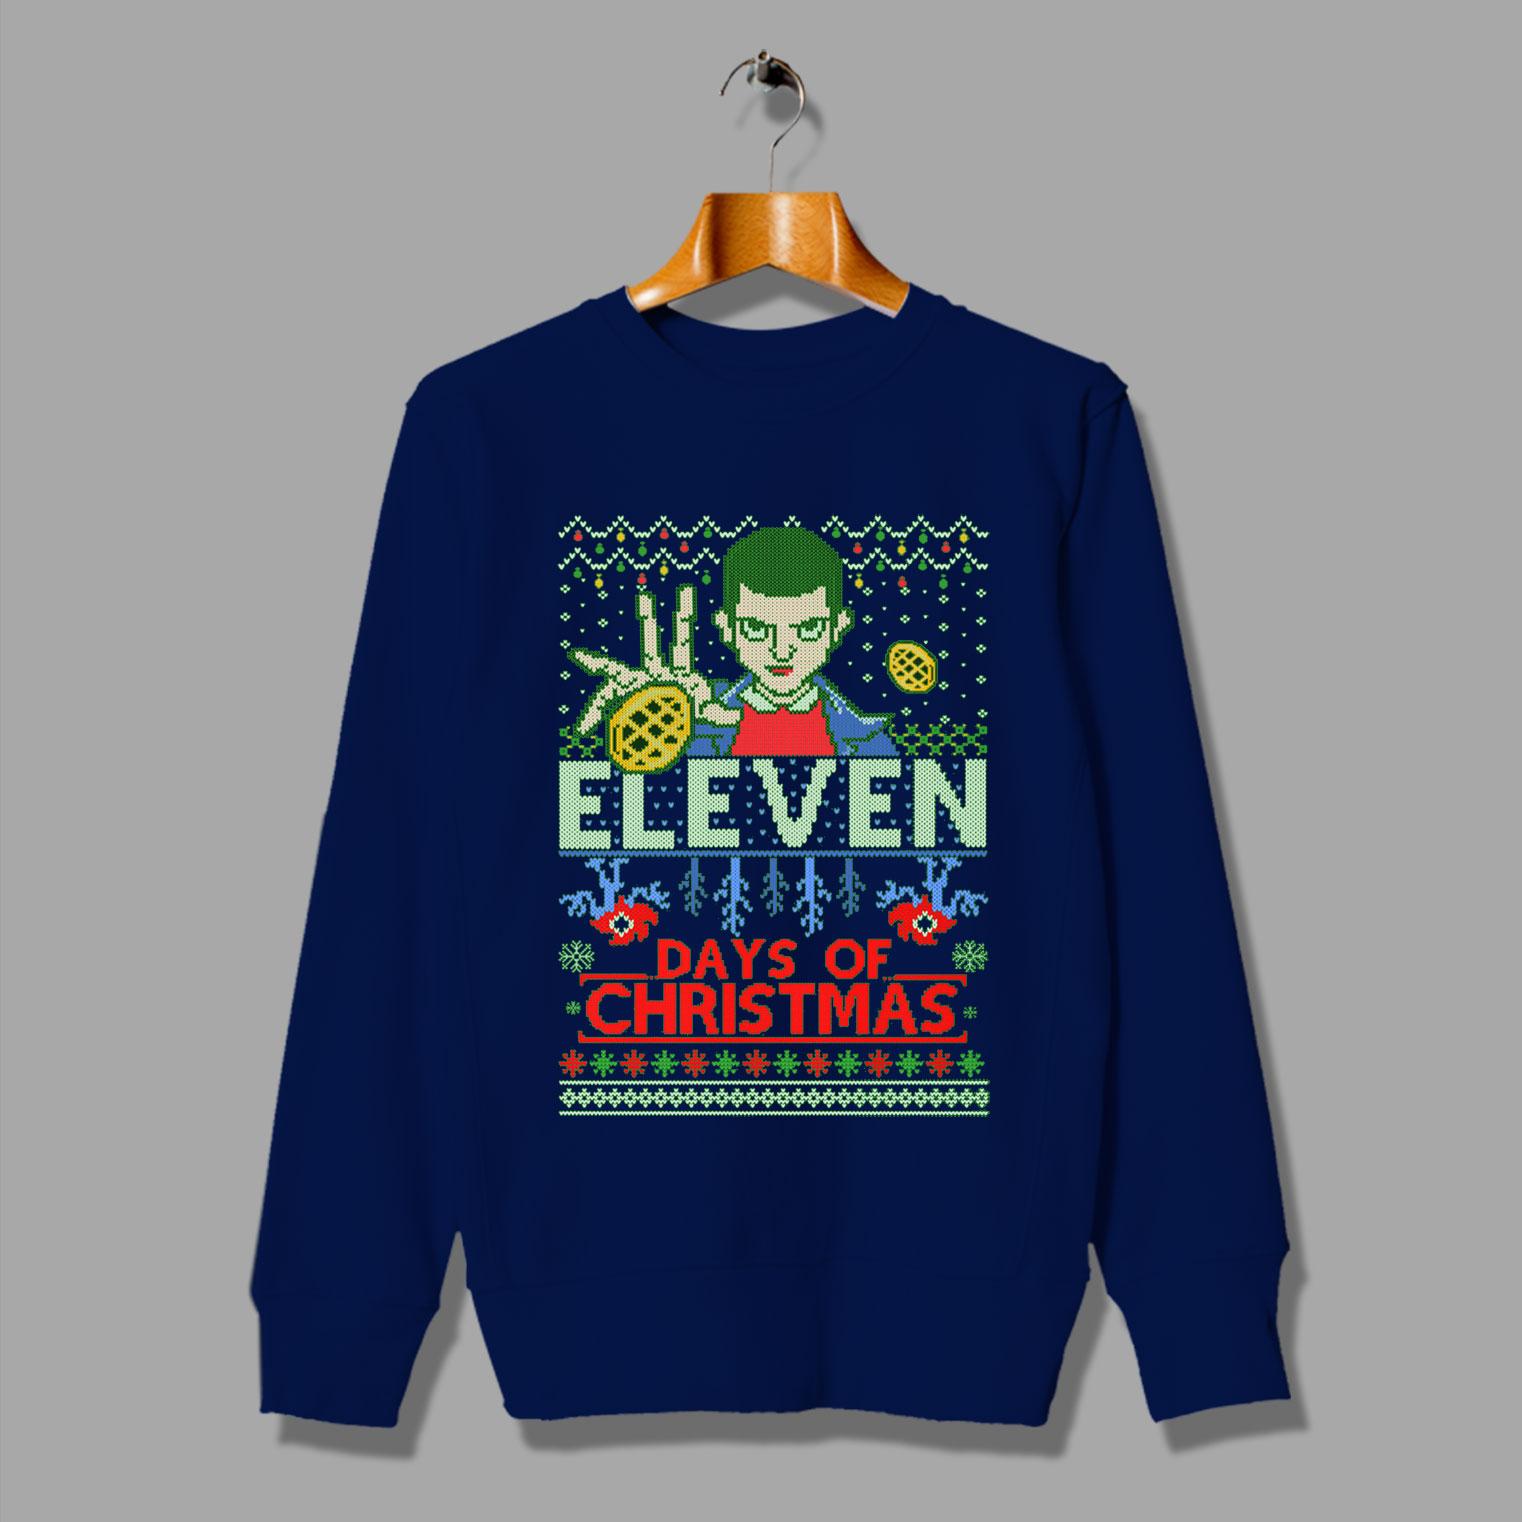 Stranger Things Christmas Sweater.Stranger Things Eleven Days Of Christmas Sweater By Hotvero Com